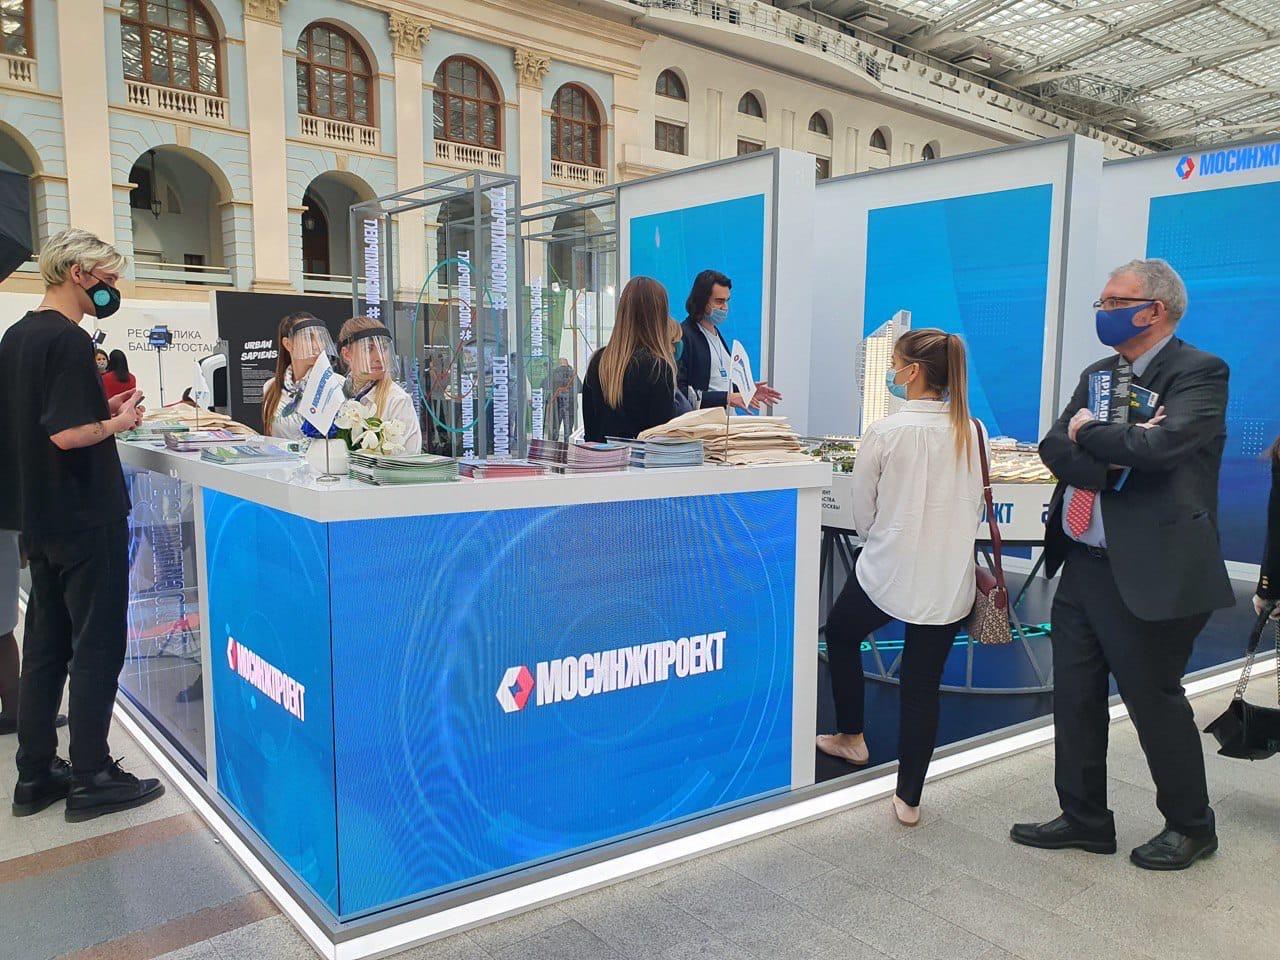 Сегодня проходит финальный день выставки АРХ Москва 2020